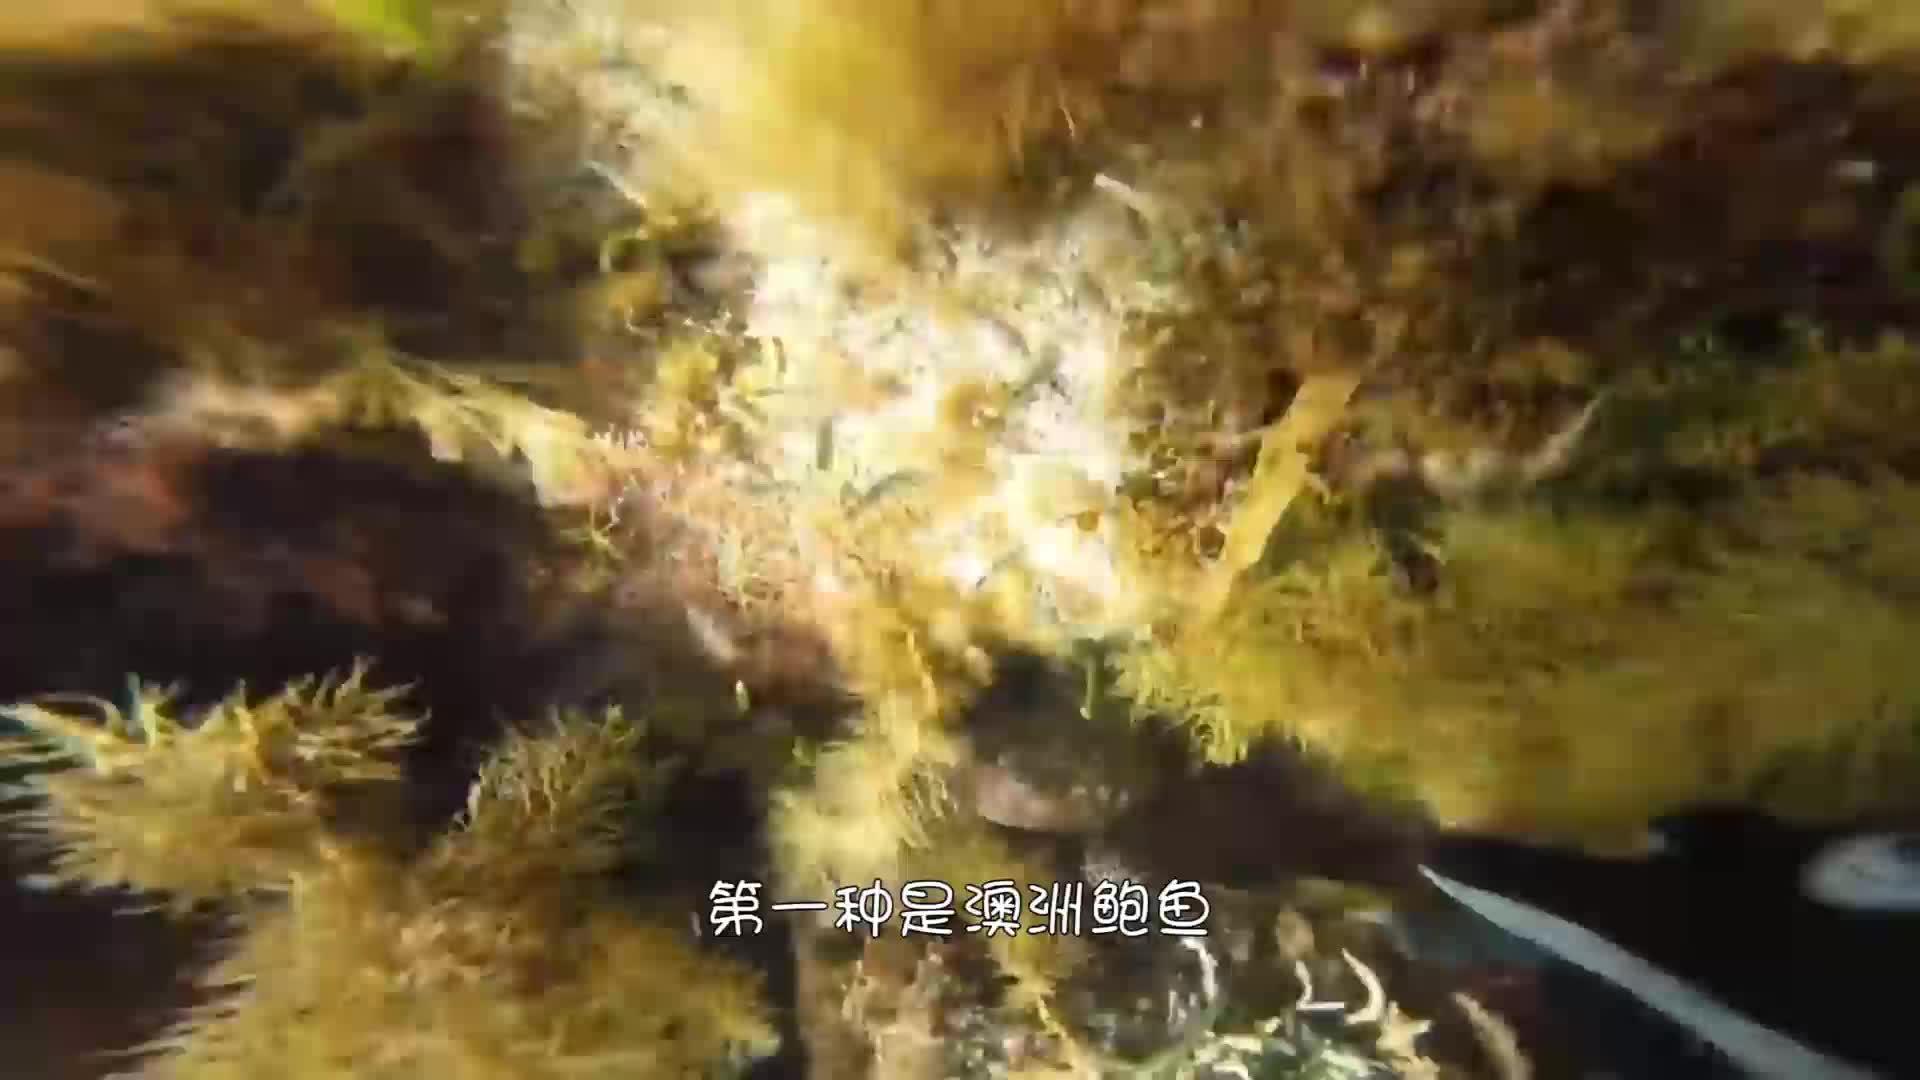 世界顶级的4种海鲜,一口下去上千元,中国仅有1种上榜!